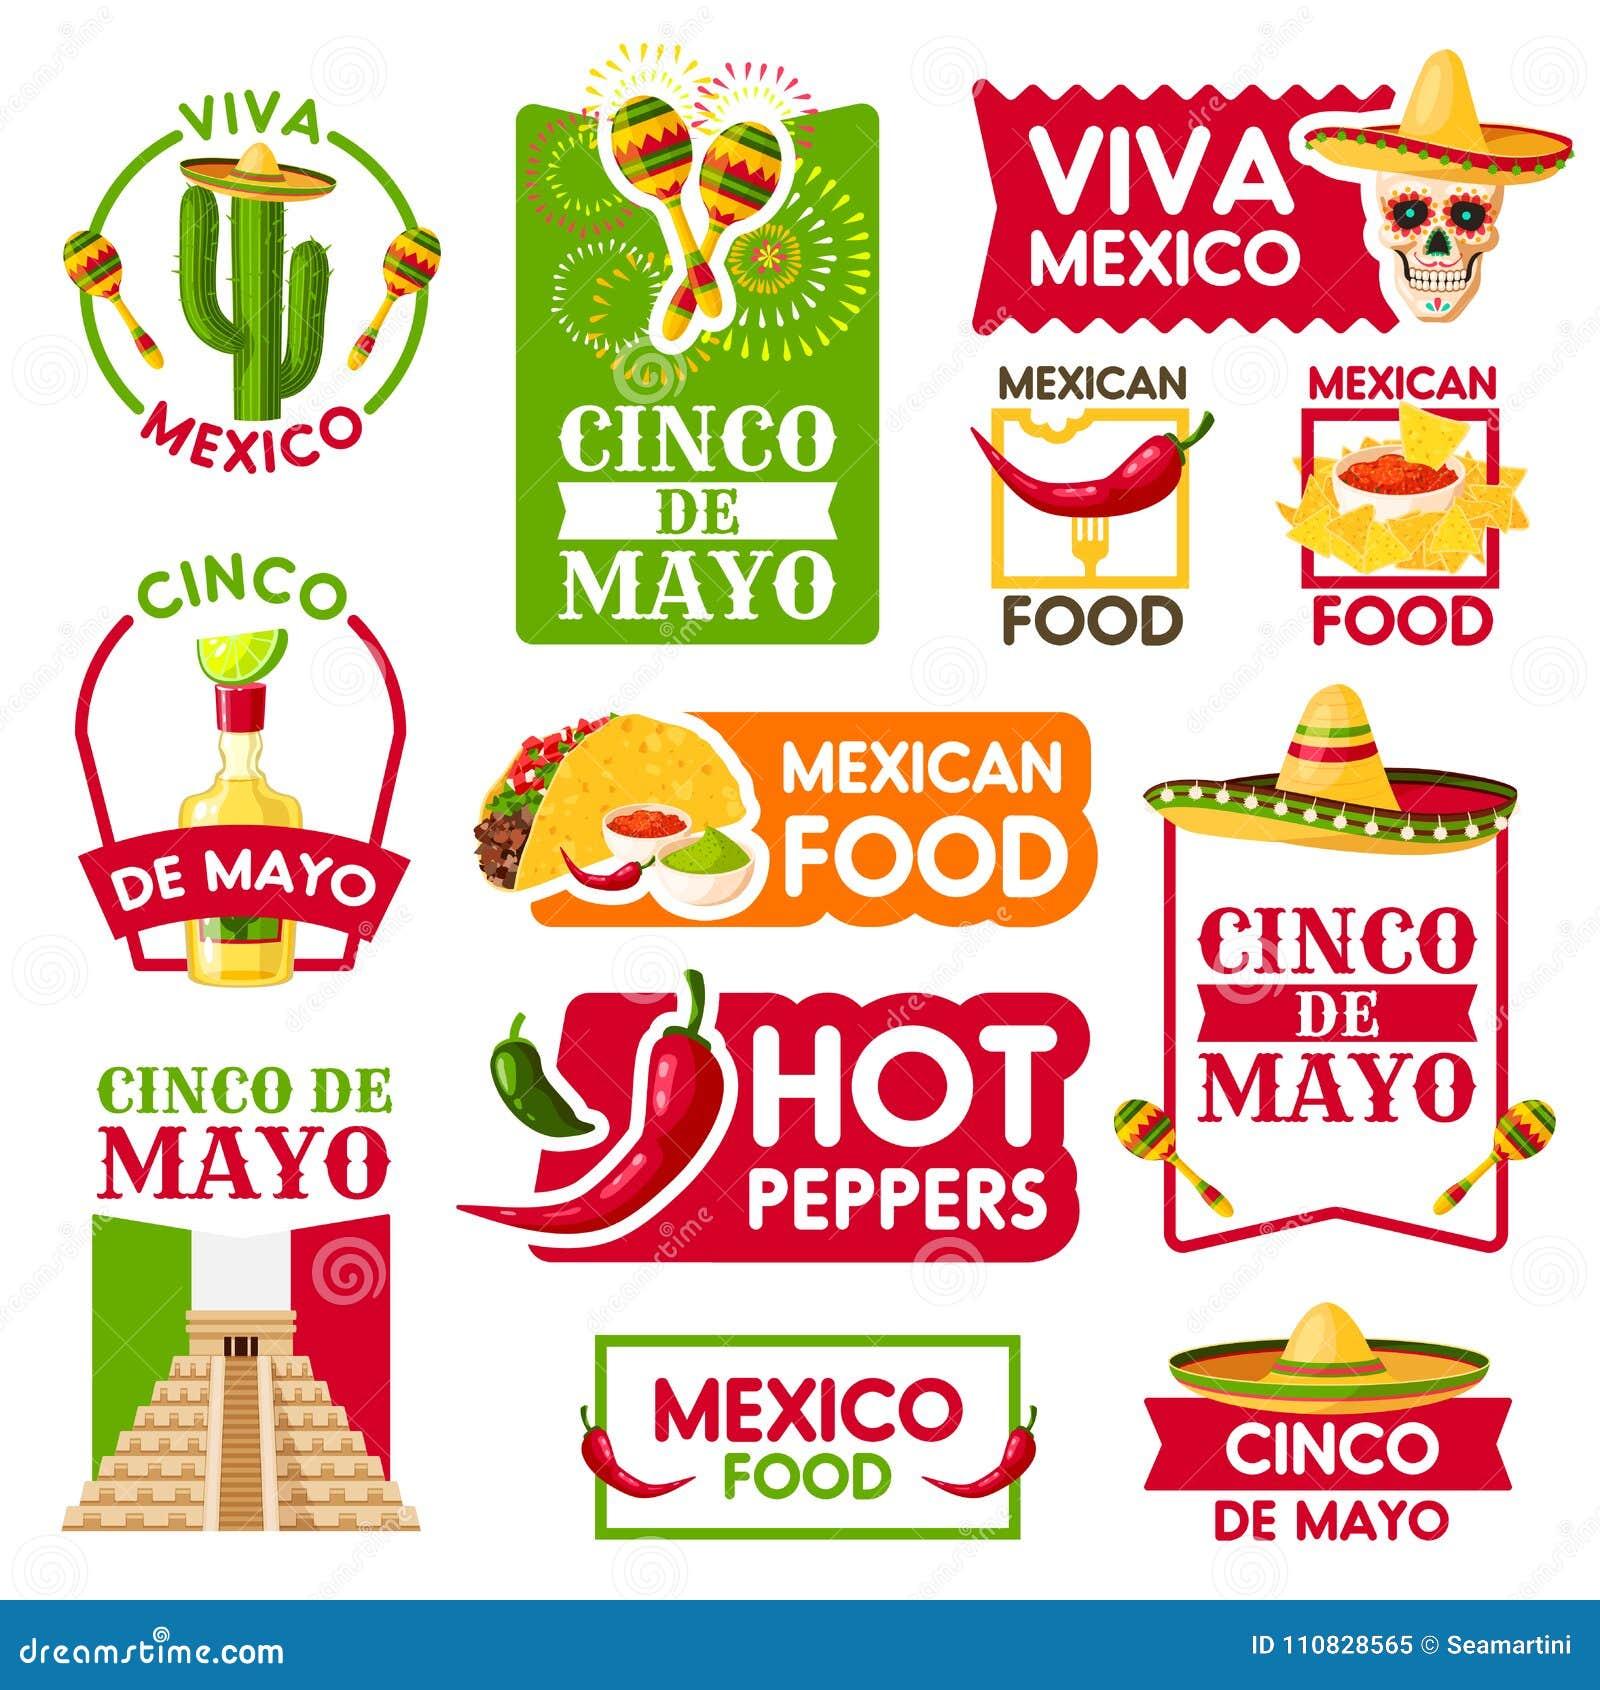 Iconos de Cinco de Mayo para la celebración mexicana de la festividad  nacional El vector aisló el sistema de pirámide azteca de México 2c596040d10